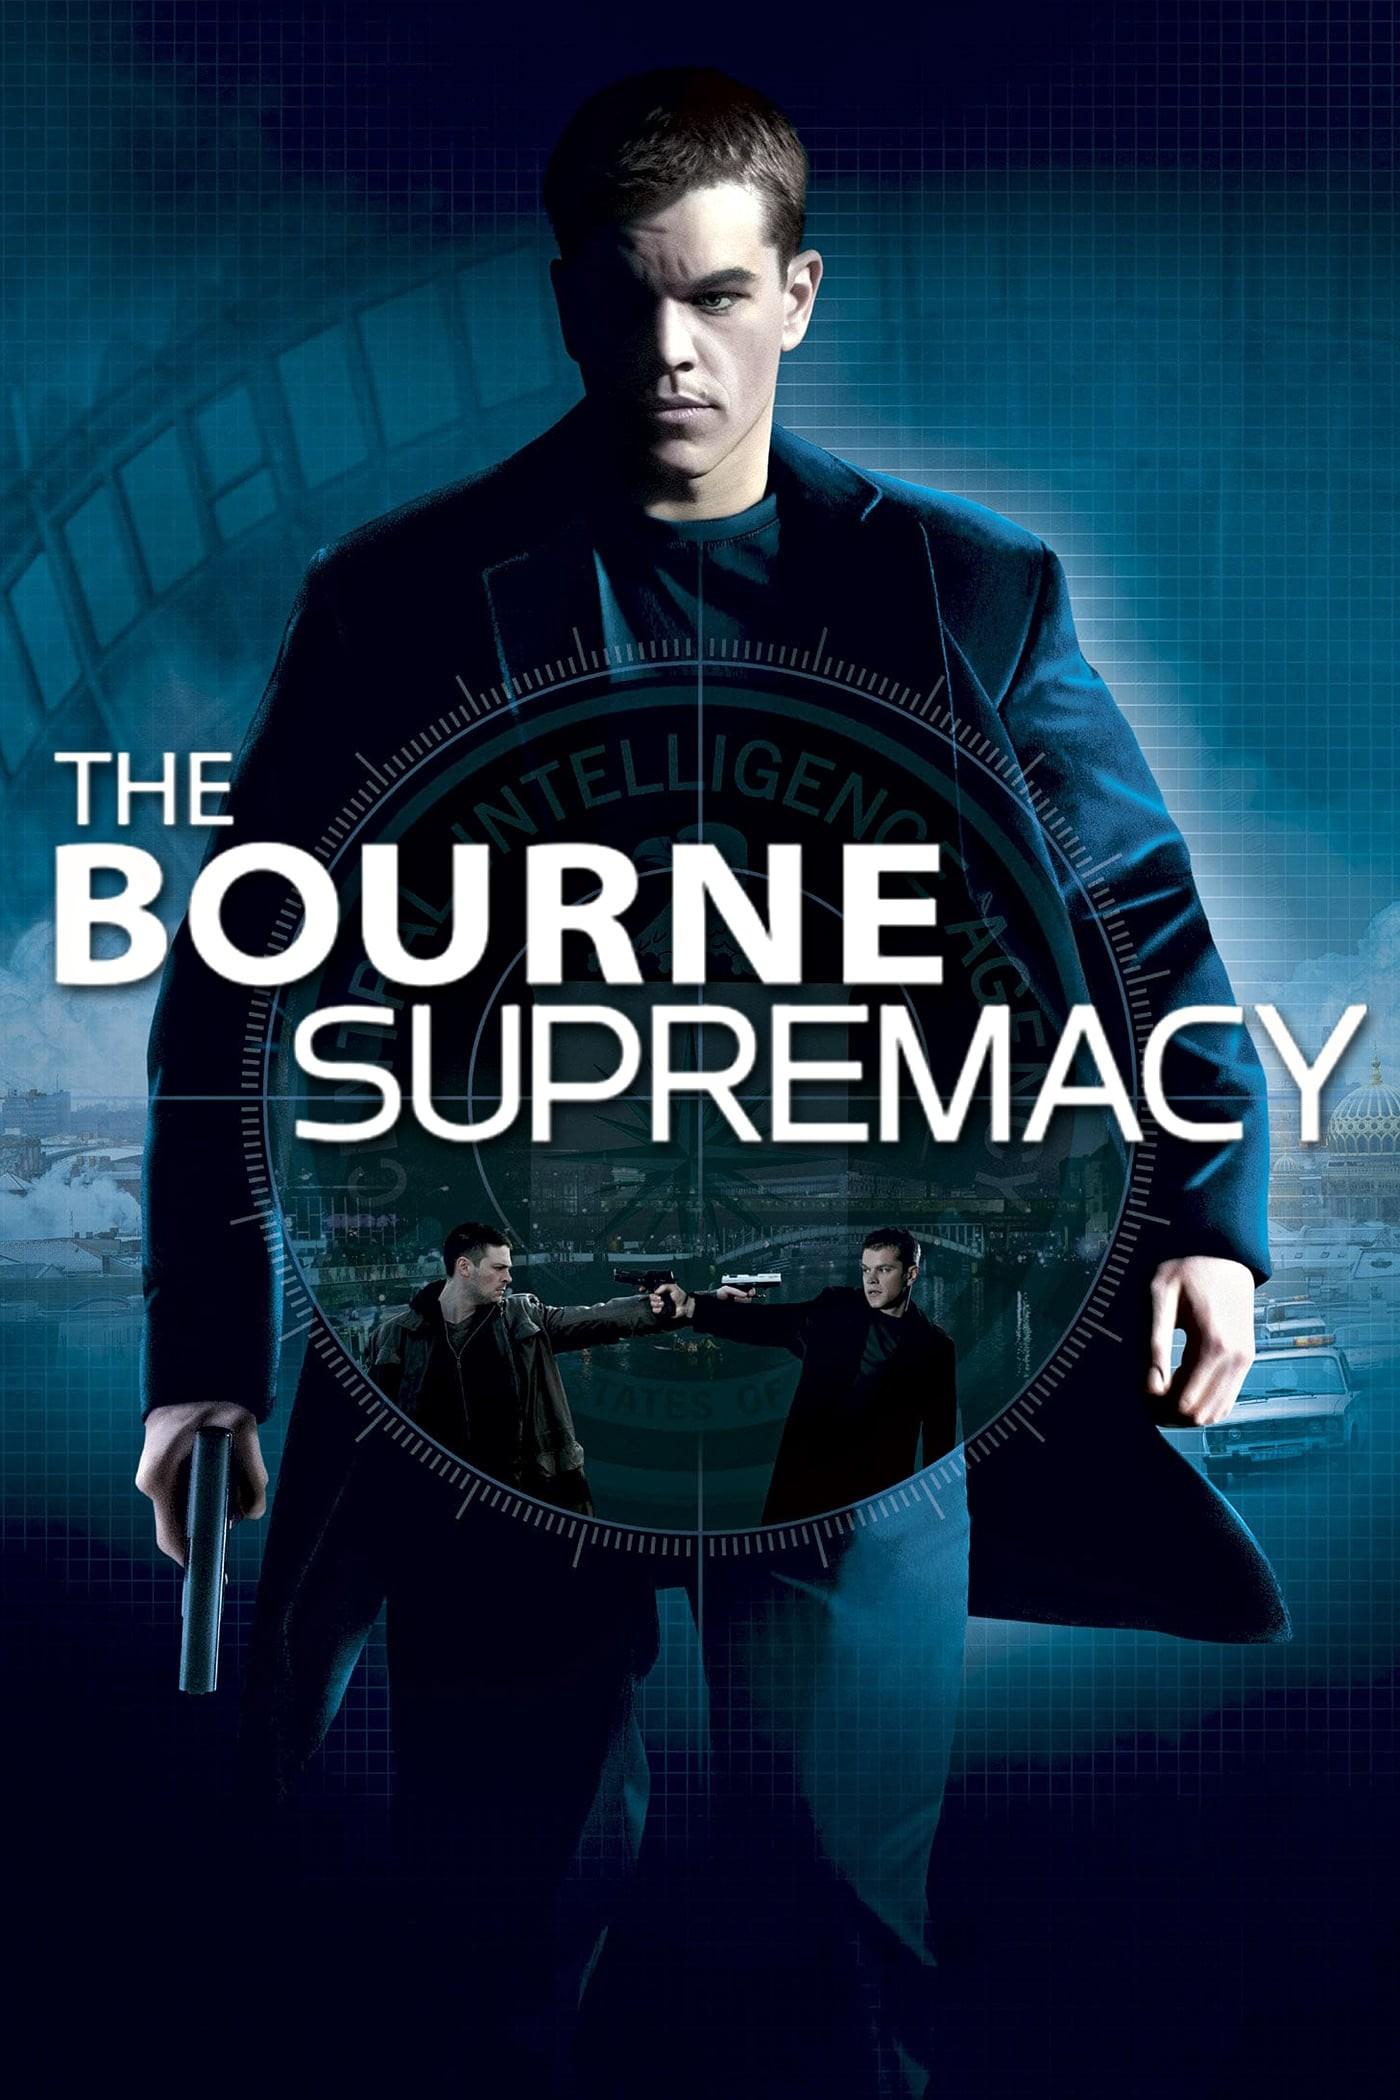 The Bourne Supremacy (2004) Streaming ITA - Gratis in Alta Definizione - Italiano